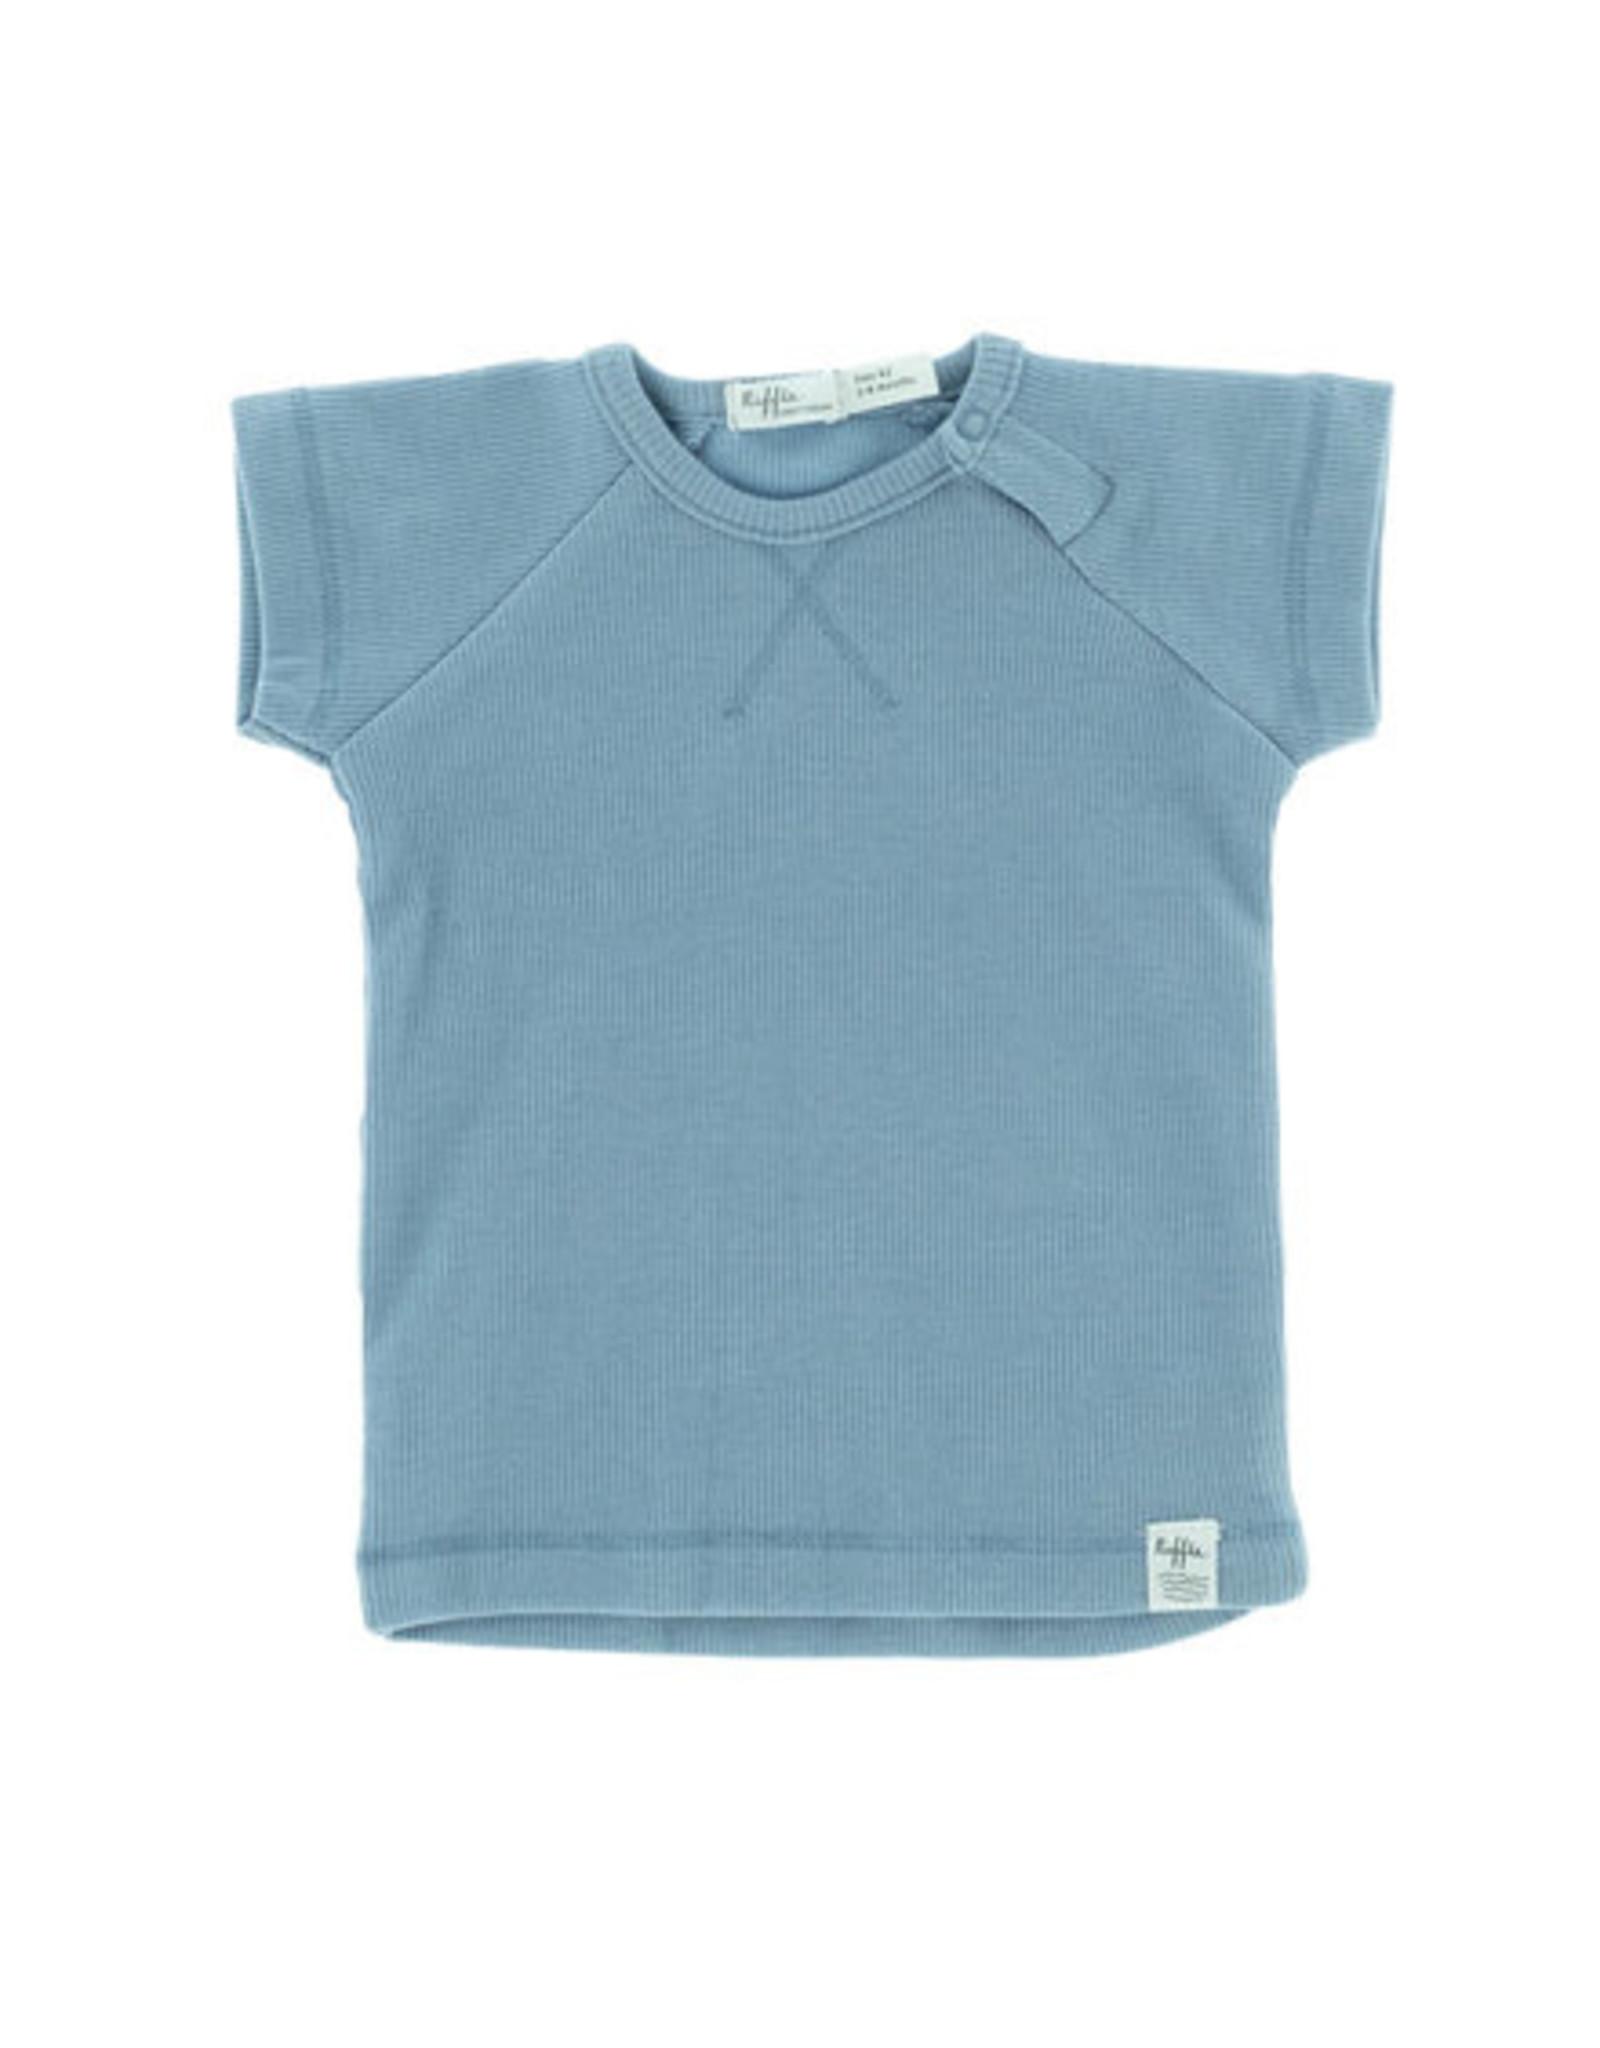 Riffle Amsterdam Riffle Amsterdam T-shirt short sleeve Rib Blue